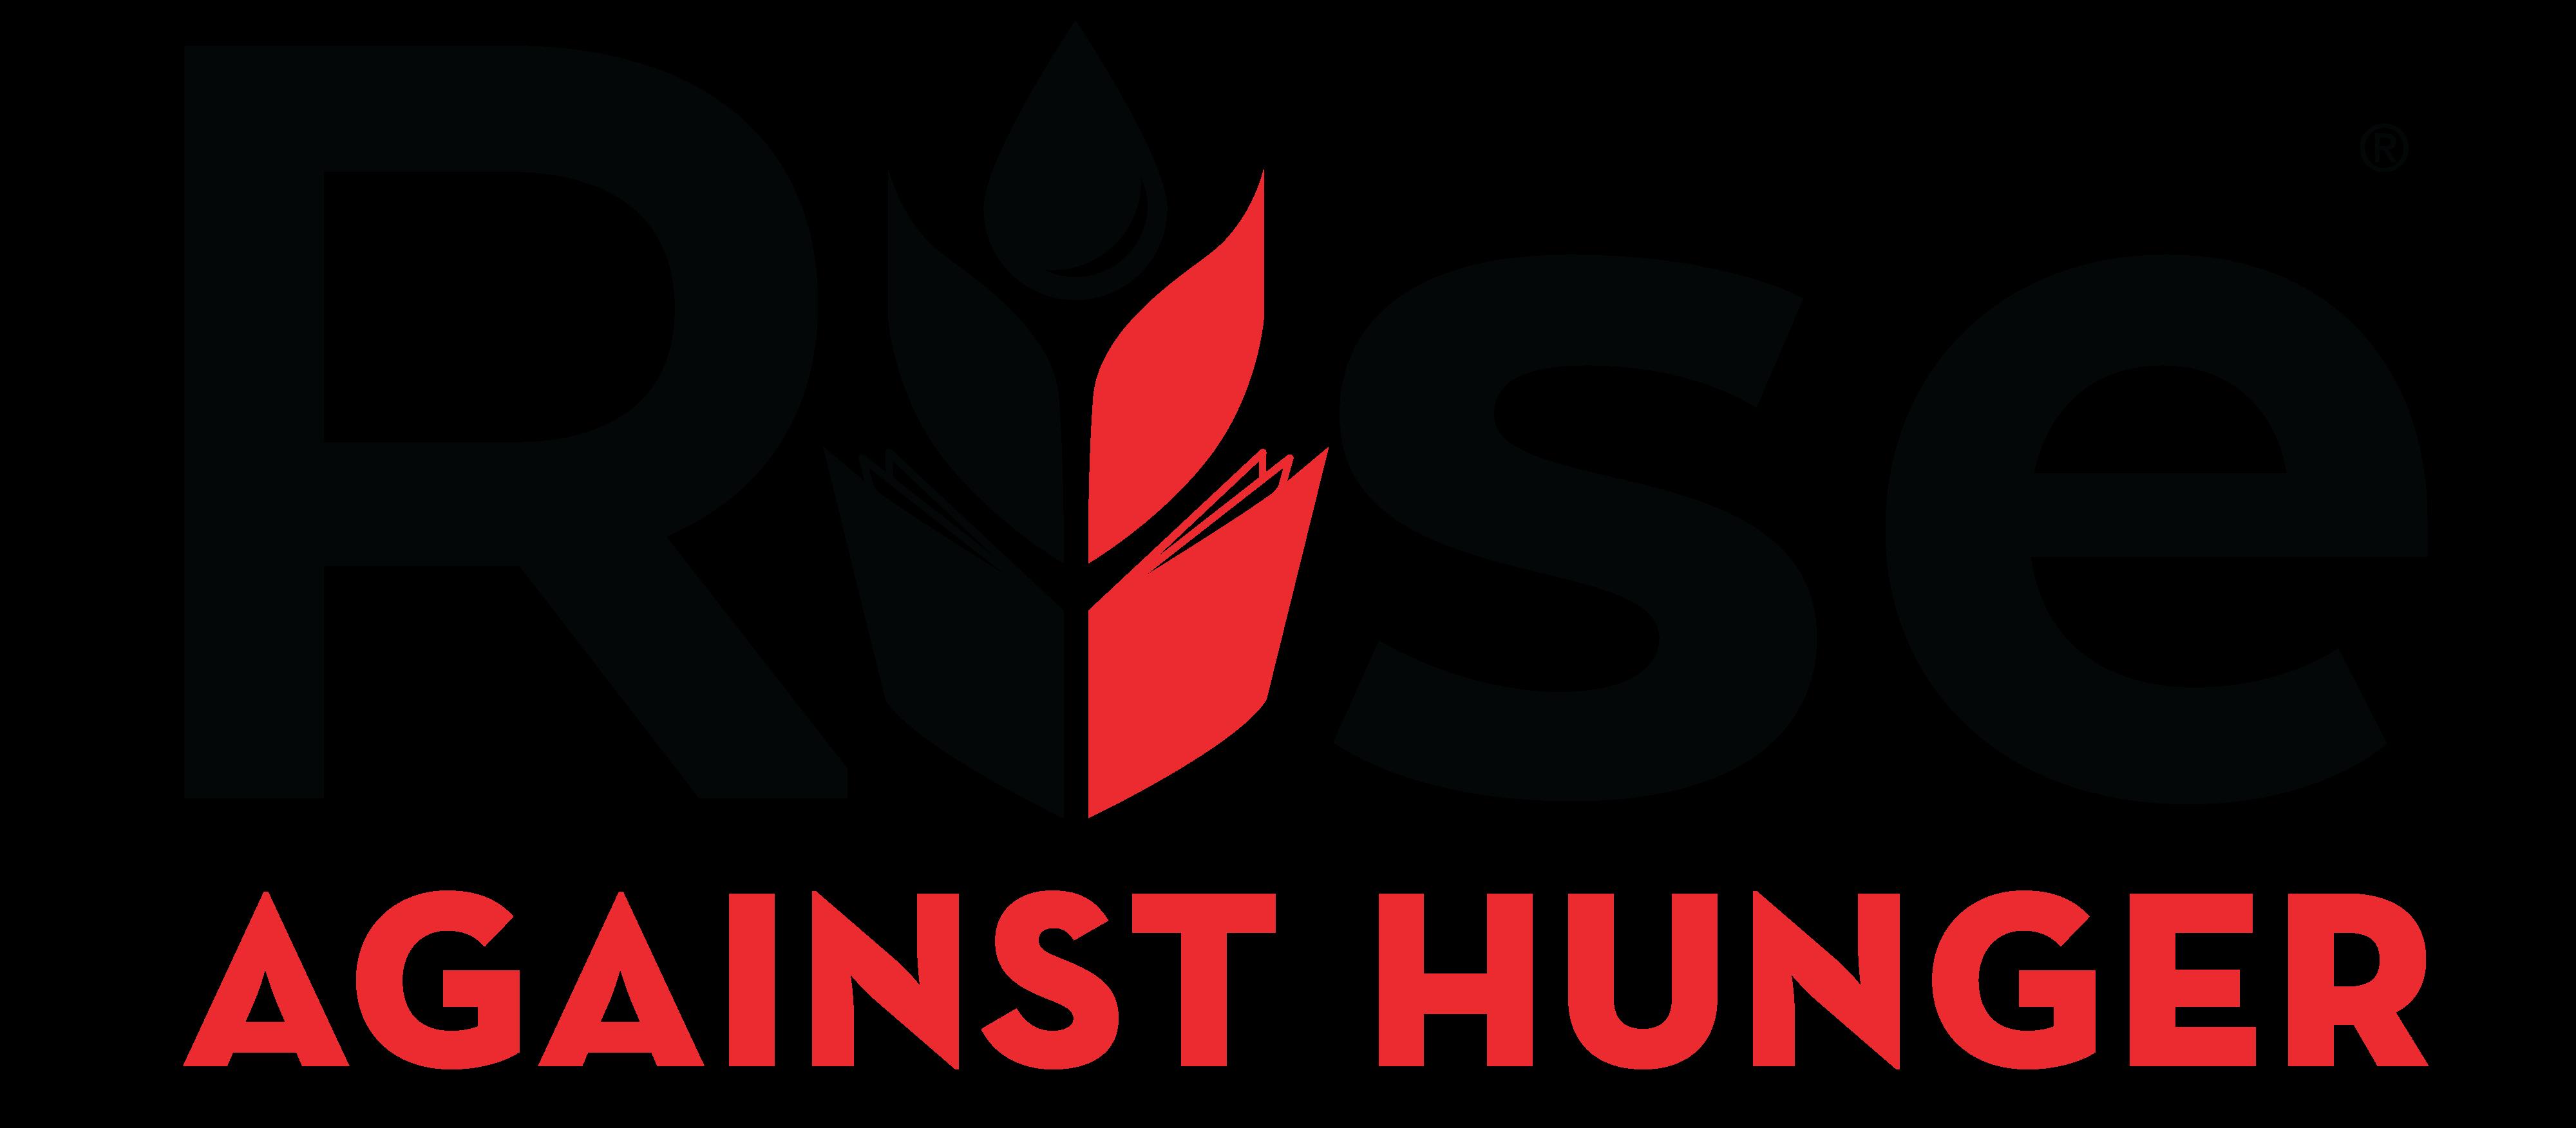 Rise-Against-Hunger-Logo